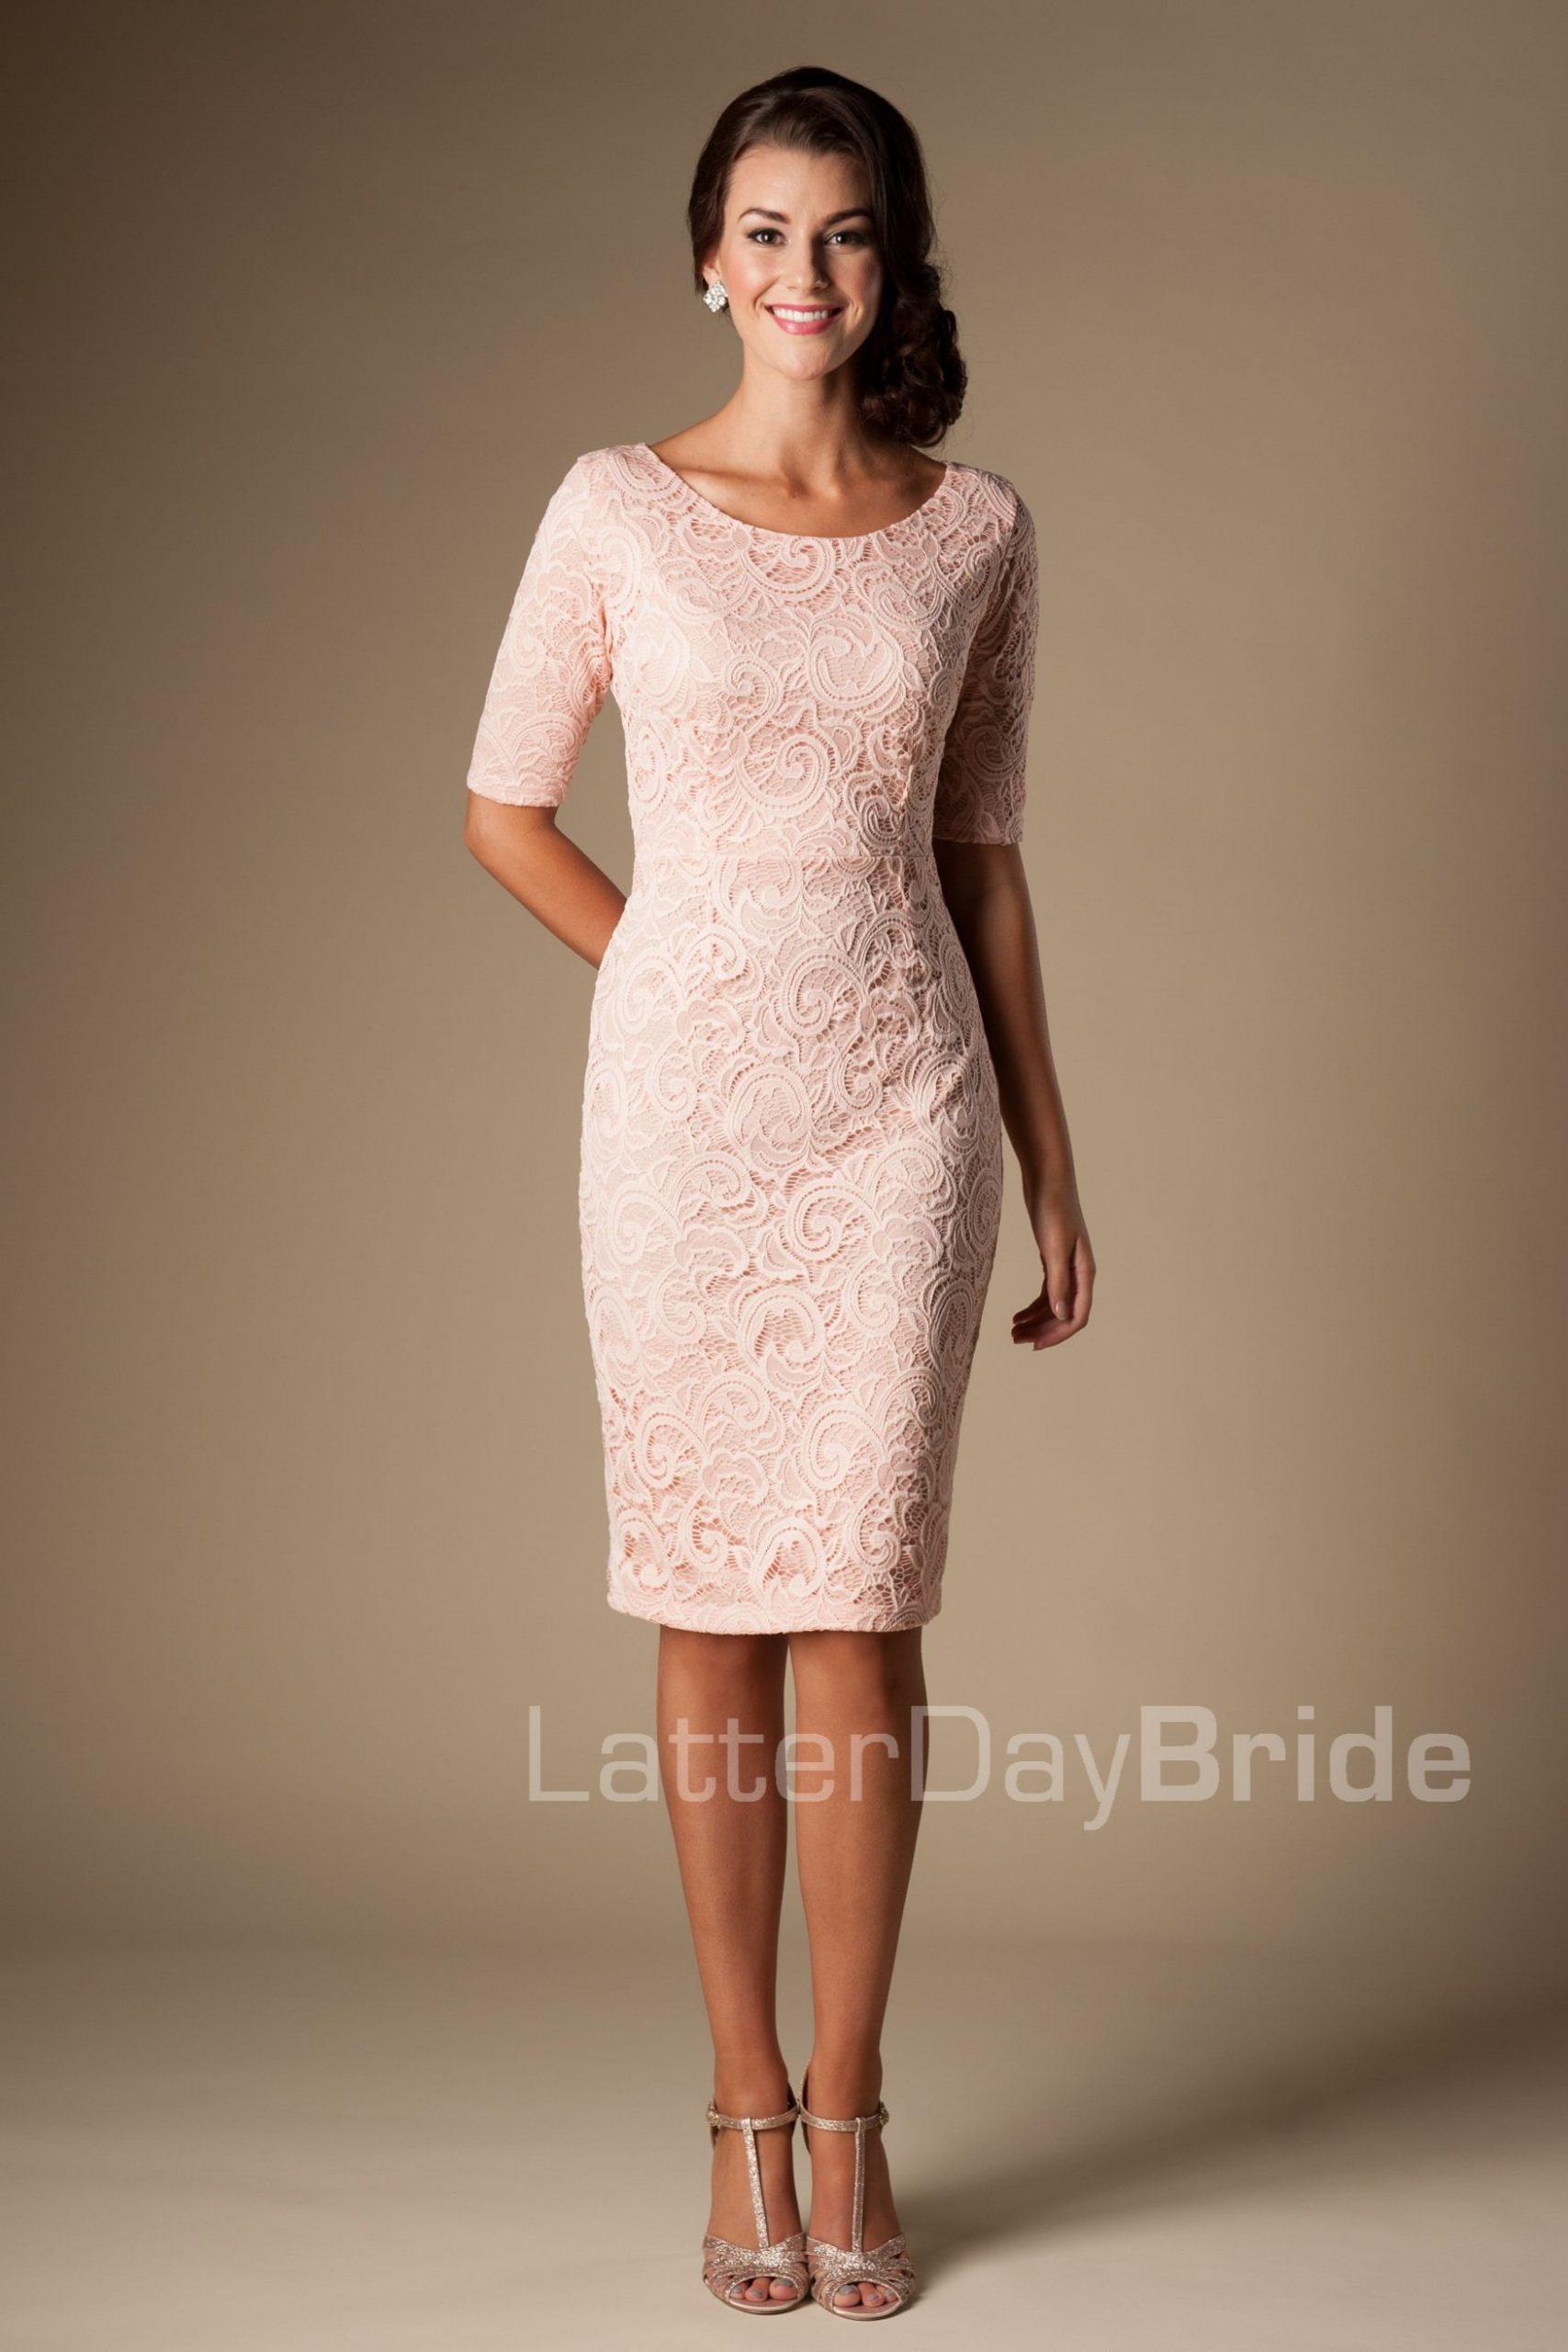 Für Hochzeit/gast   Festliche Kleider Hochzeit, Kleid